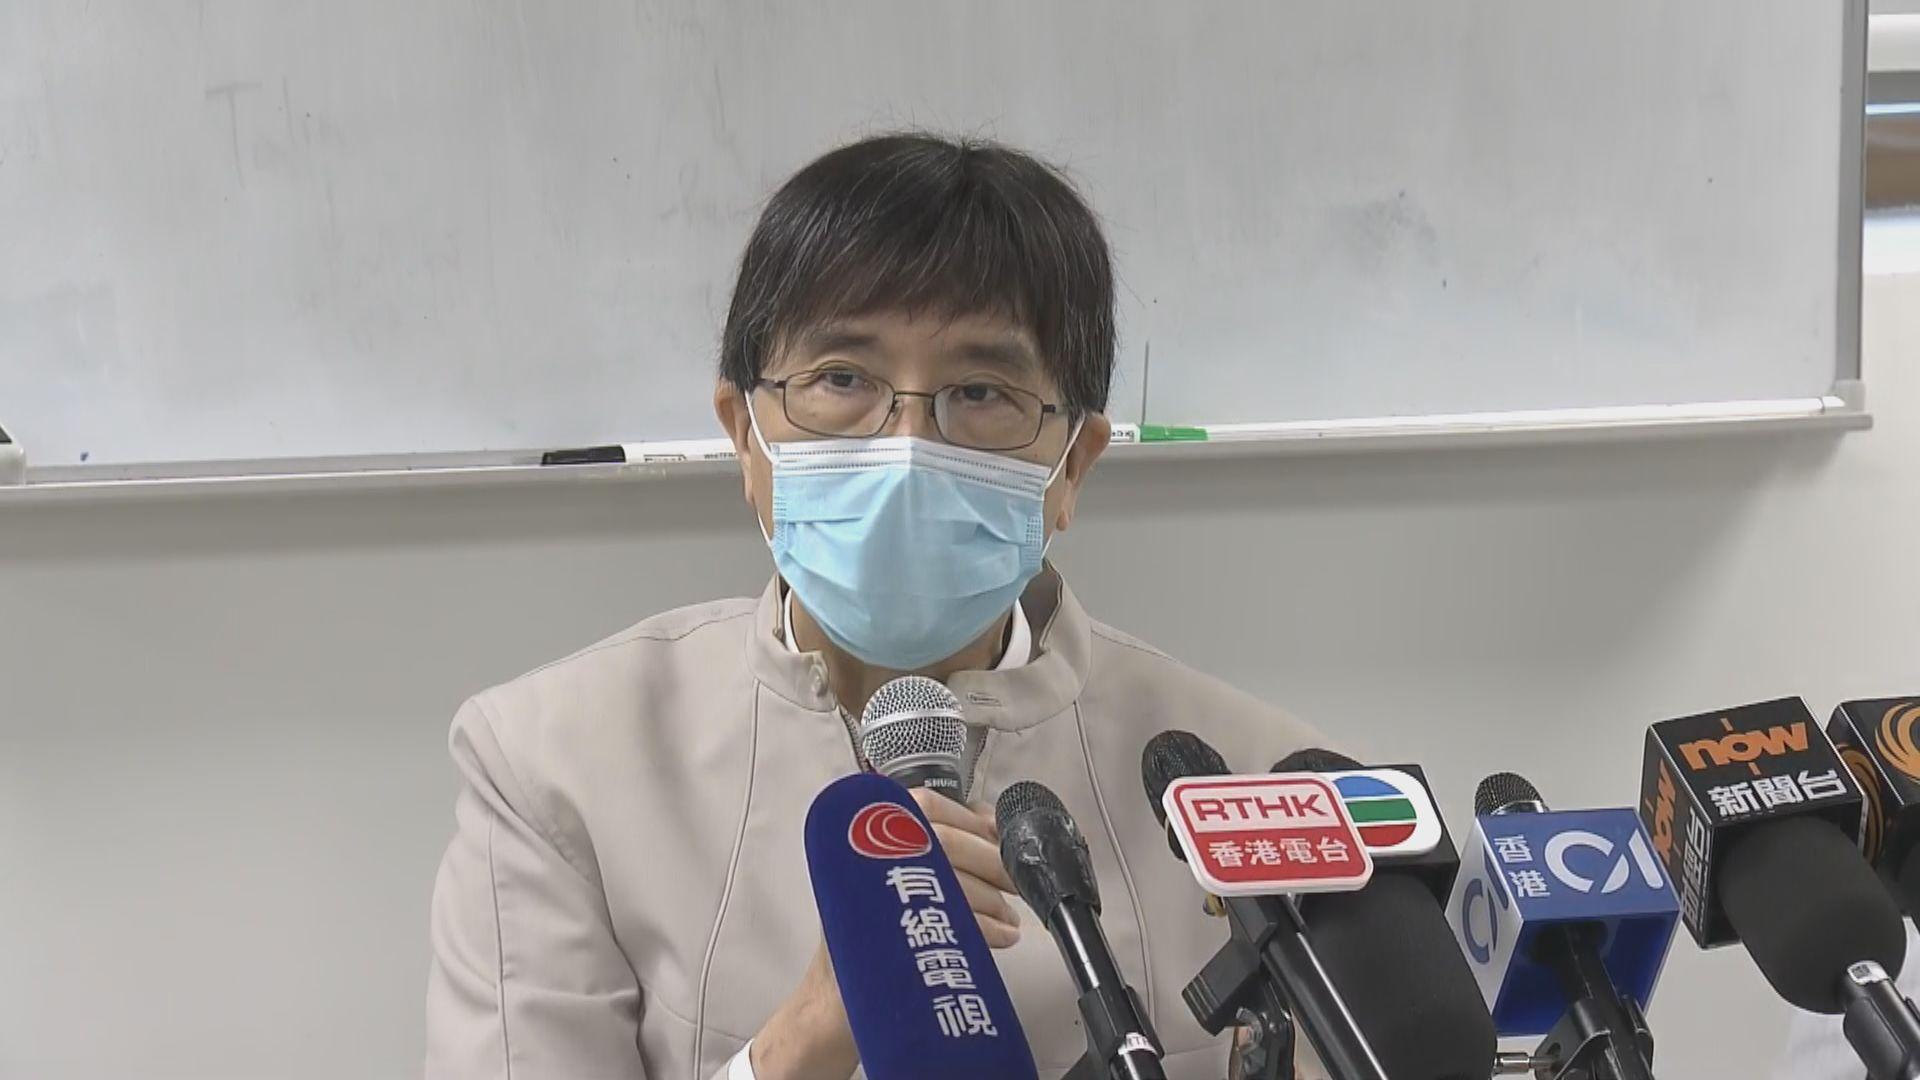 袁國勇進行實驗 證明外科口罩能減新冠病毒傳播